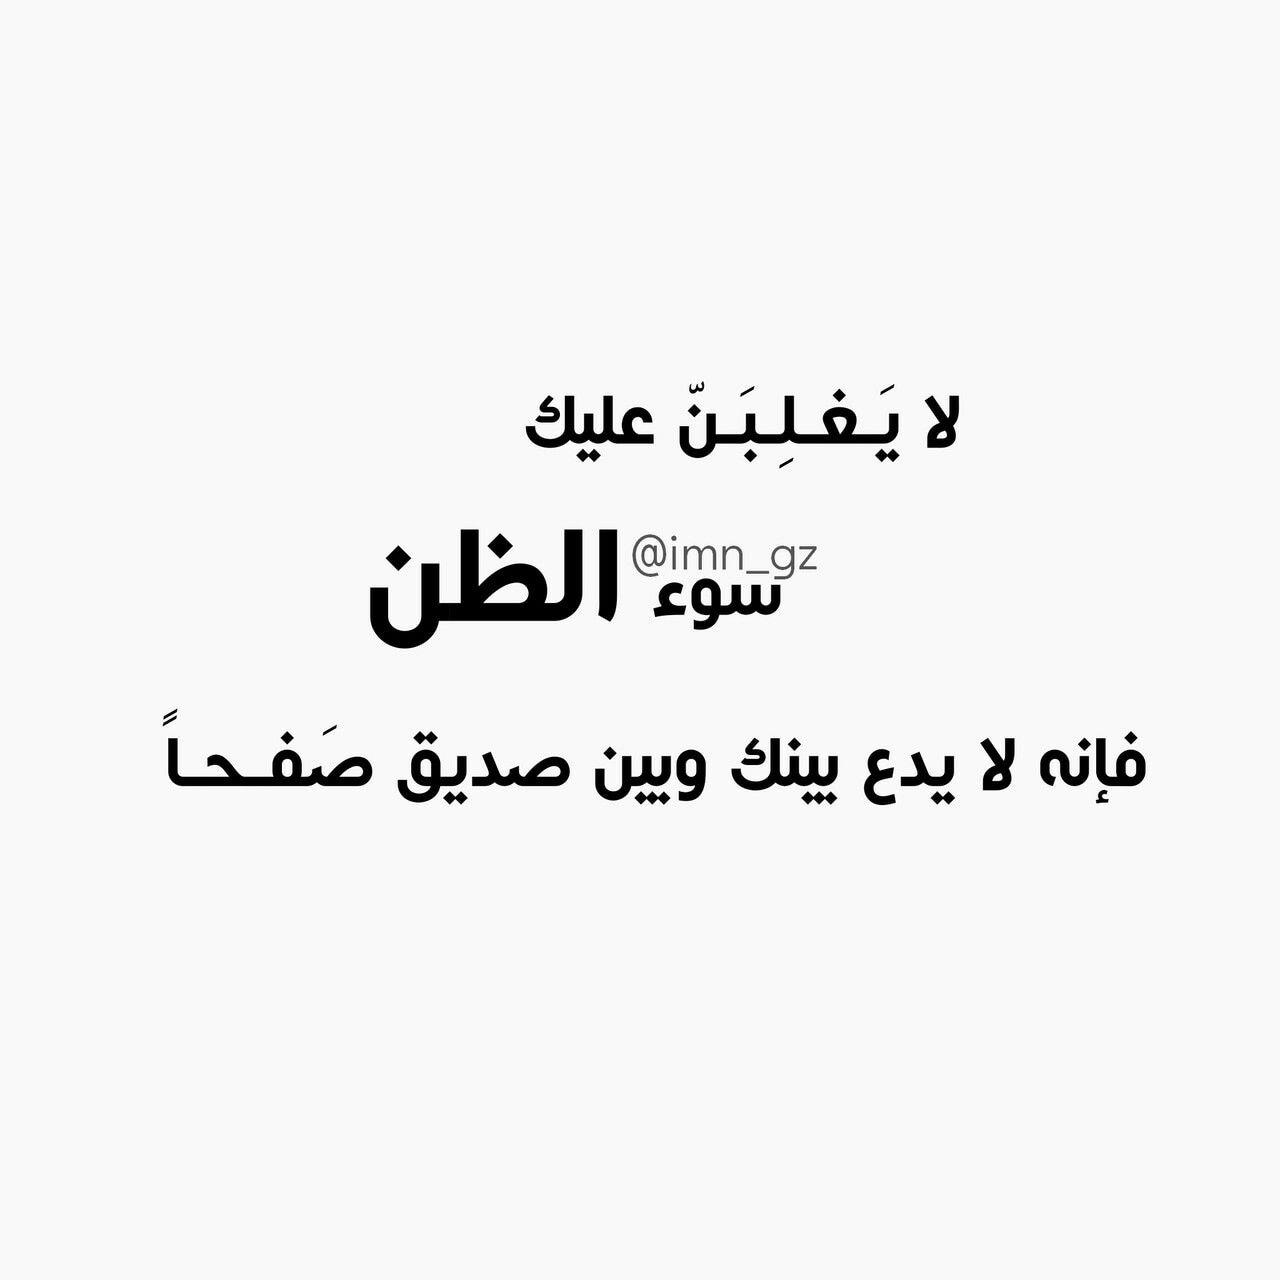 لايغلبن عليك سوء الظن Cool Words Arabic Quotes Ahadith